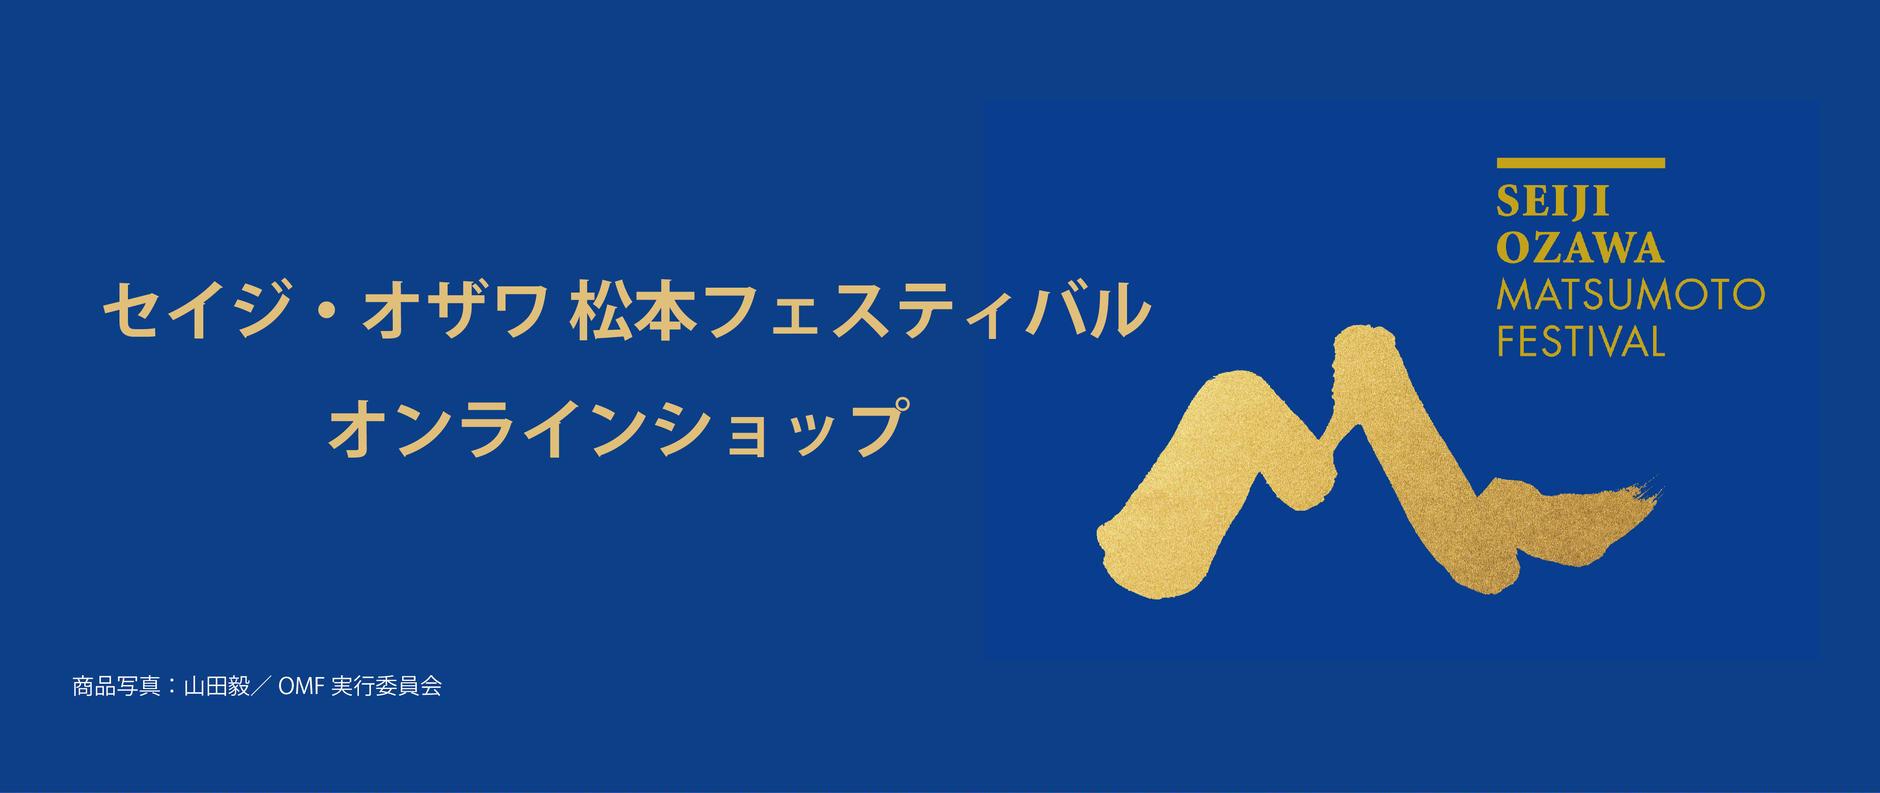 セイジ・オザワ 松本フェスティバル オンラインショップ